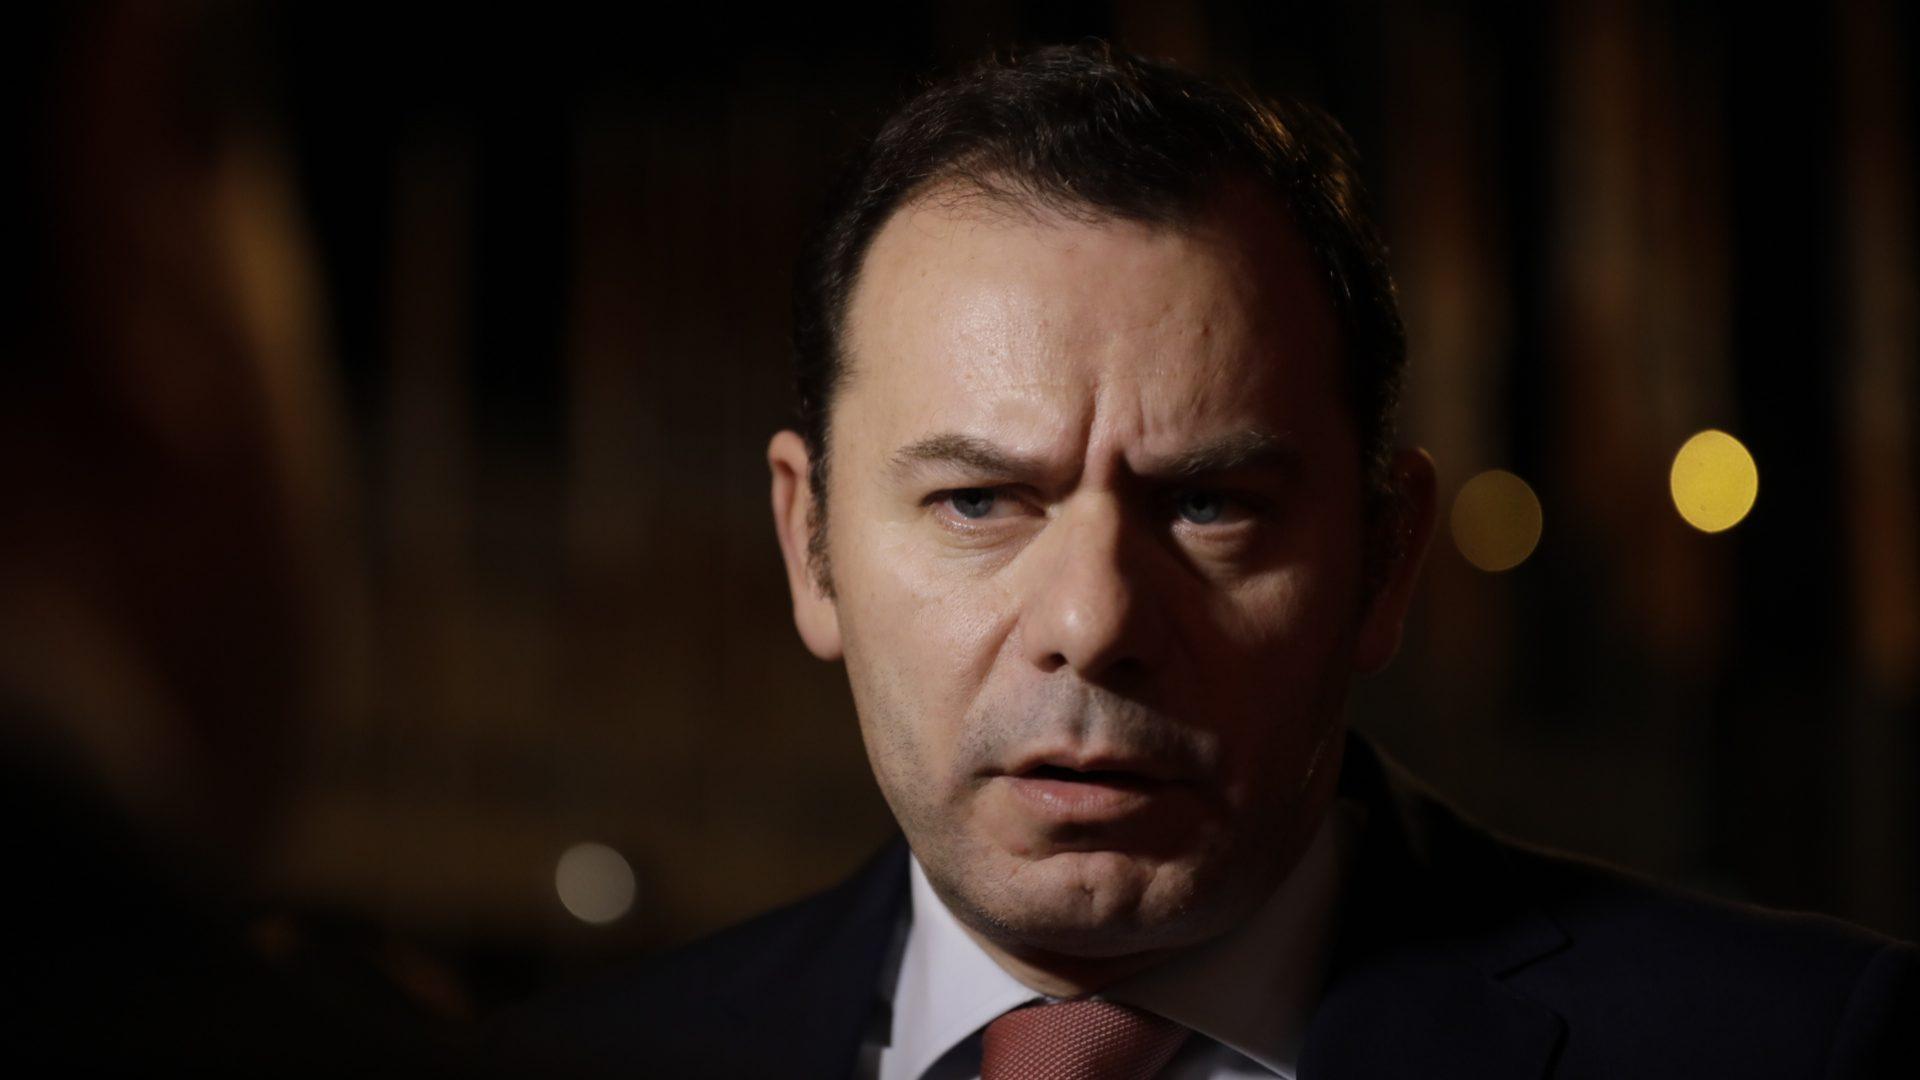 Luis Montenegro sai do Parlamento e admite disputar liderança do PSD no futuro